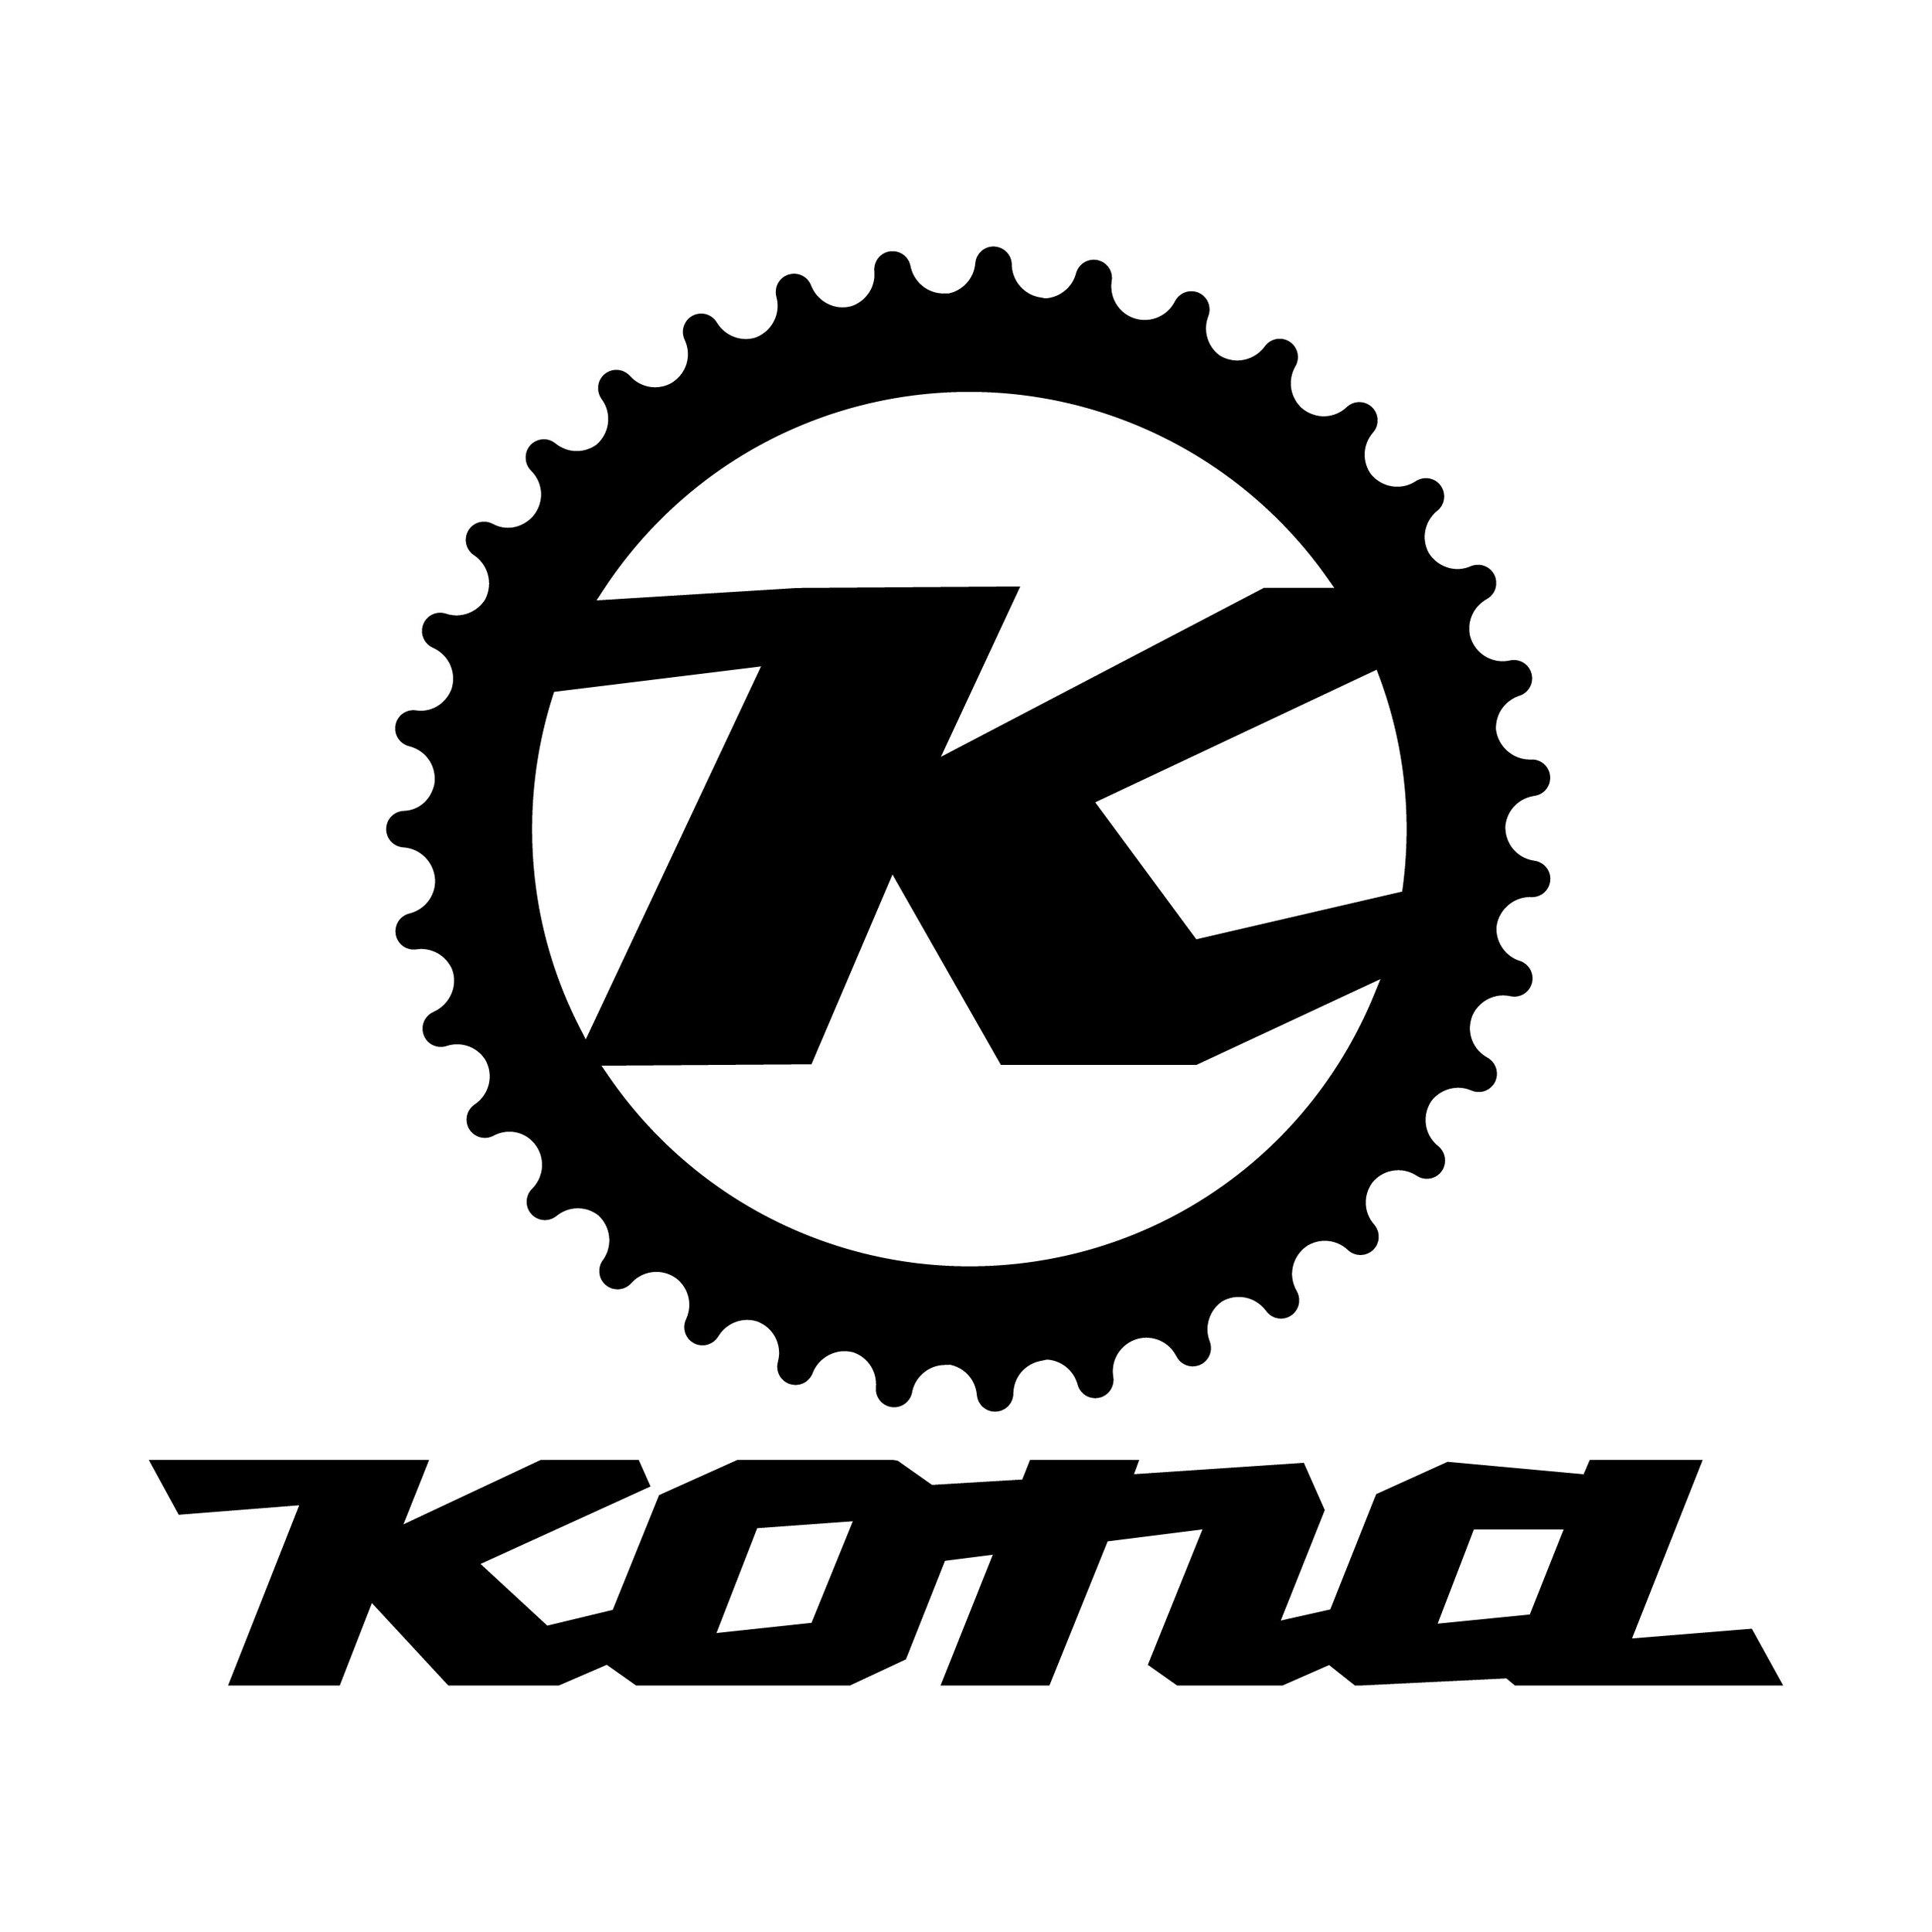 2K15_KonaCogLogo2.jpg